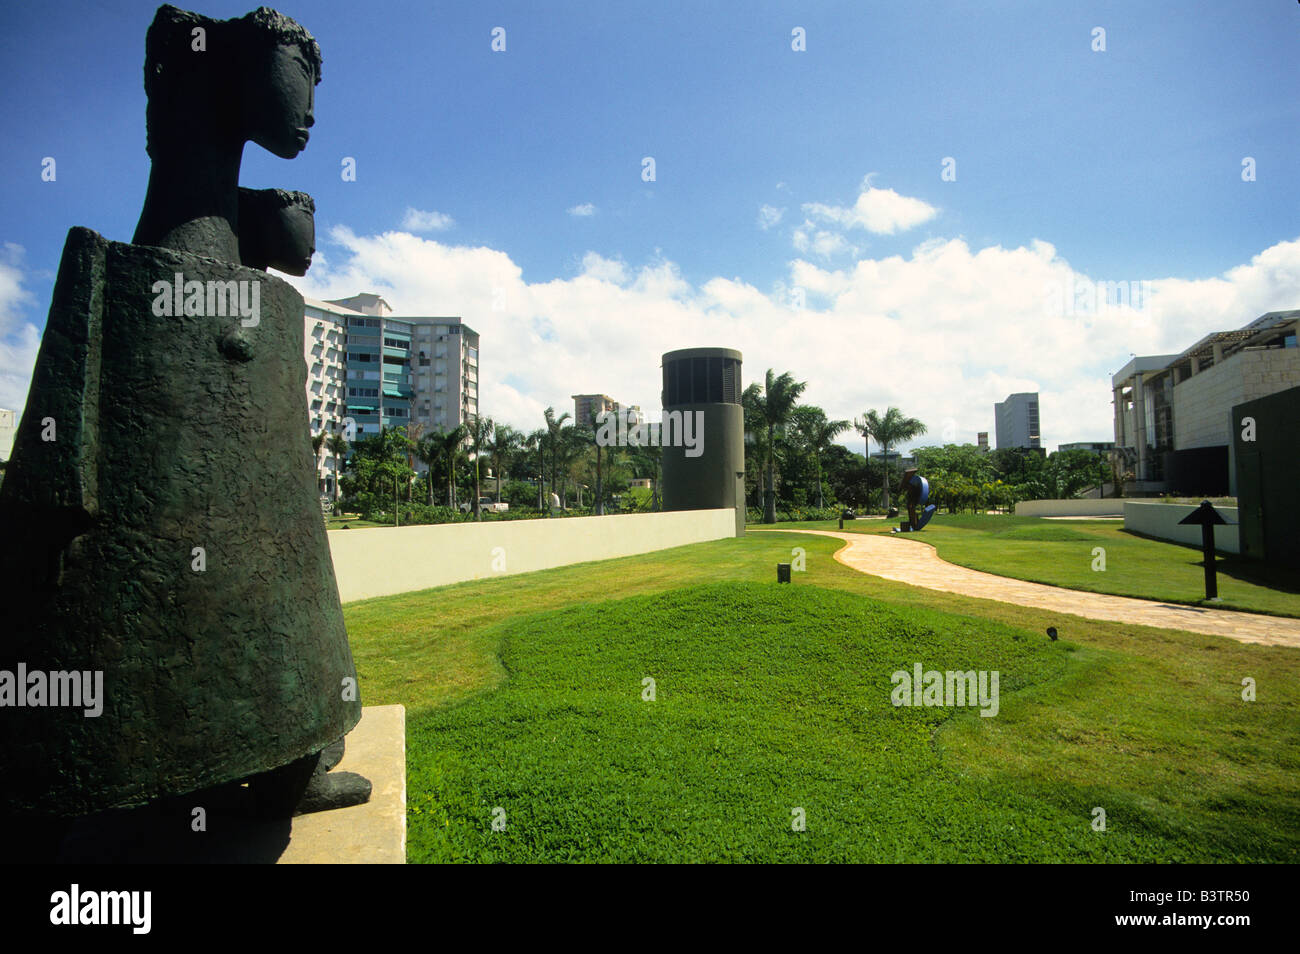 Sculpture at the Museo de Arte de Puerto Rico gardens in Santurce Puerto Rico - Stock Image